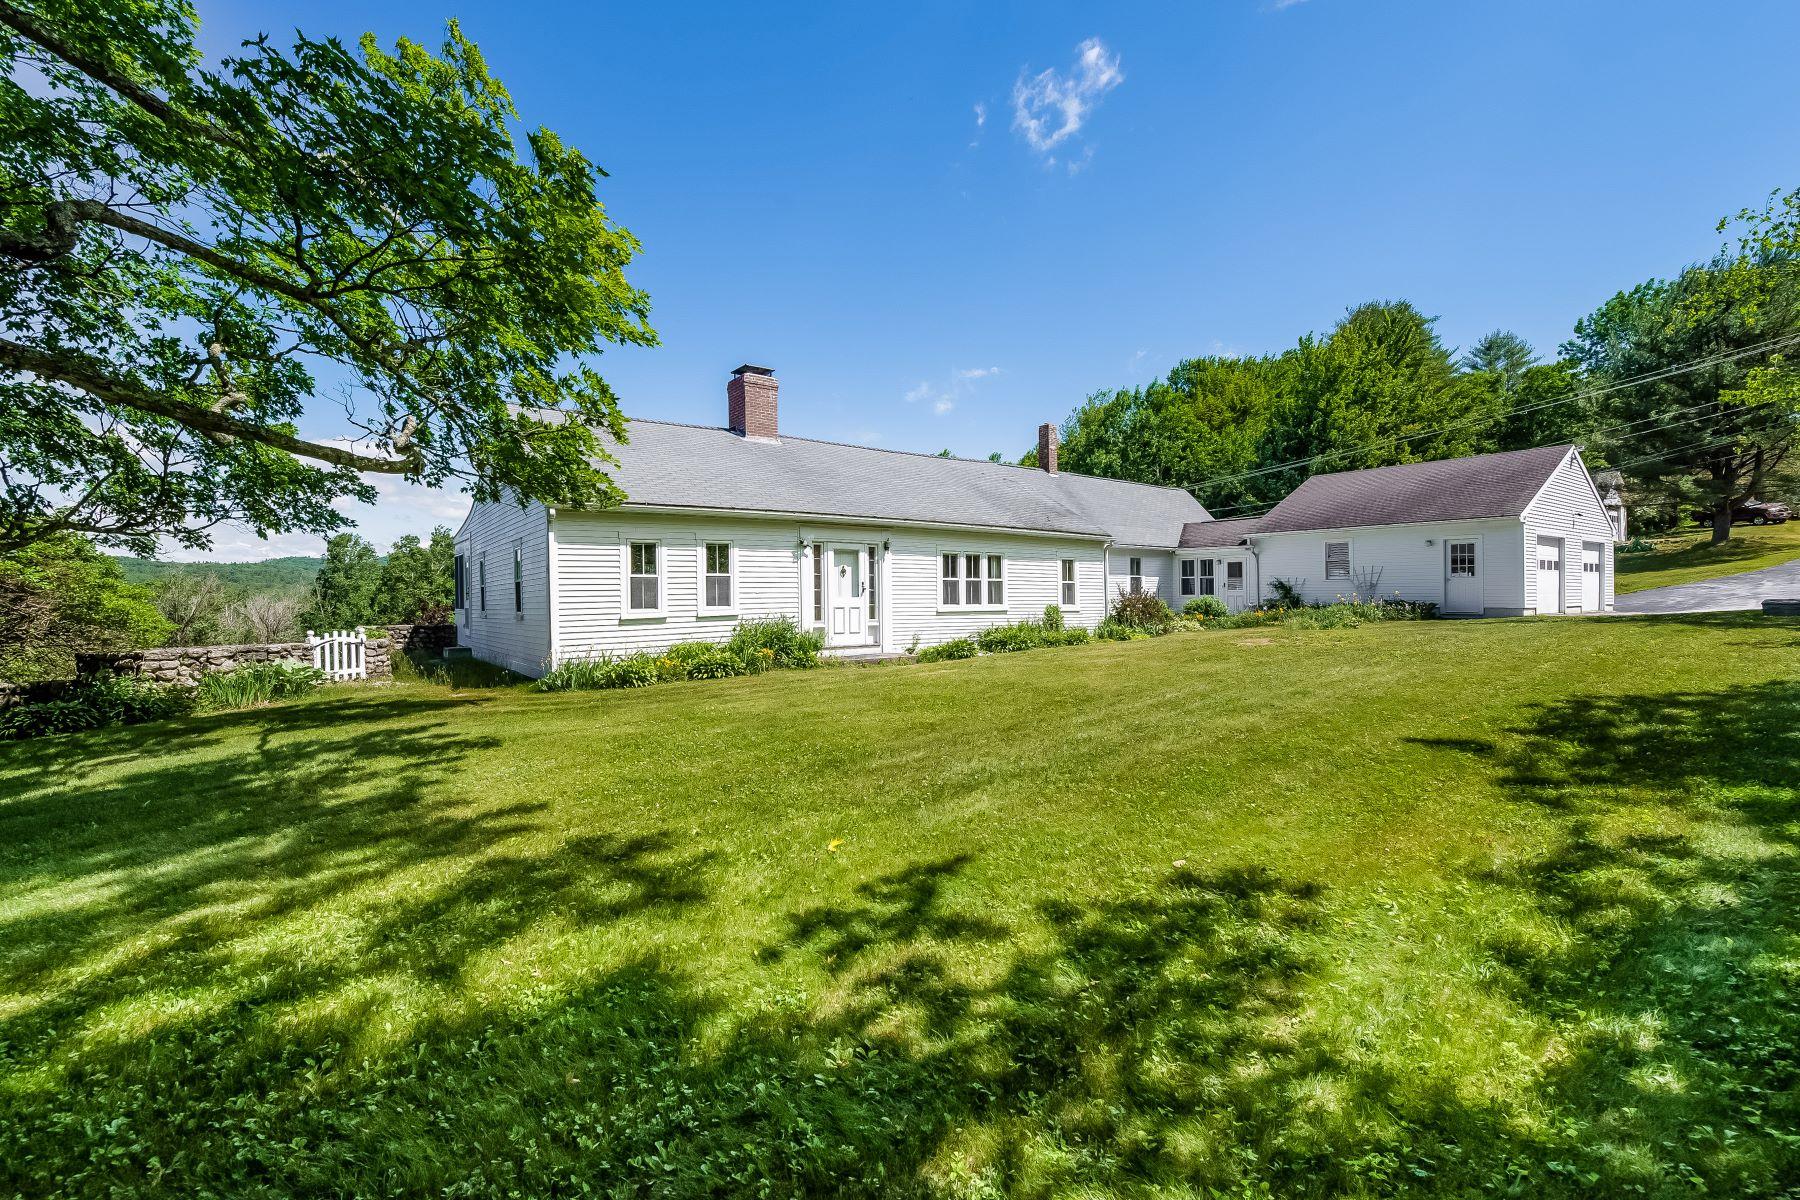 769 Old Bristol Road, New Hampton 769 Old Bristol Rd New Hampton, Nueva Hampshire 03256 Estados Unidos